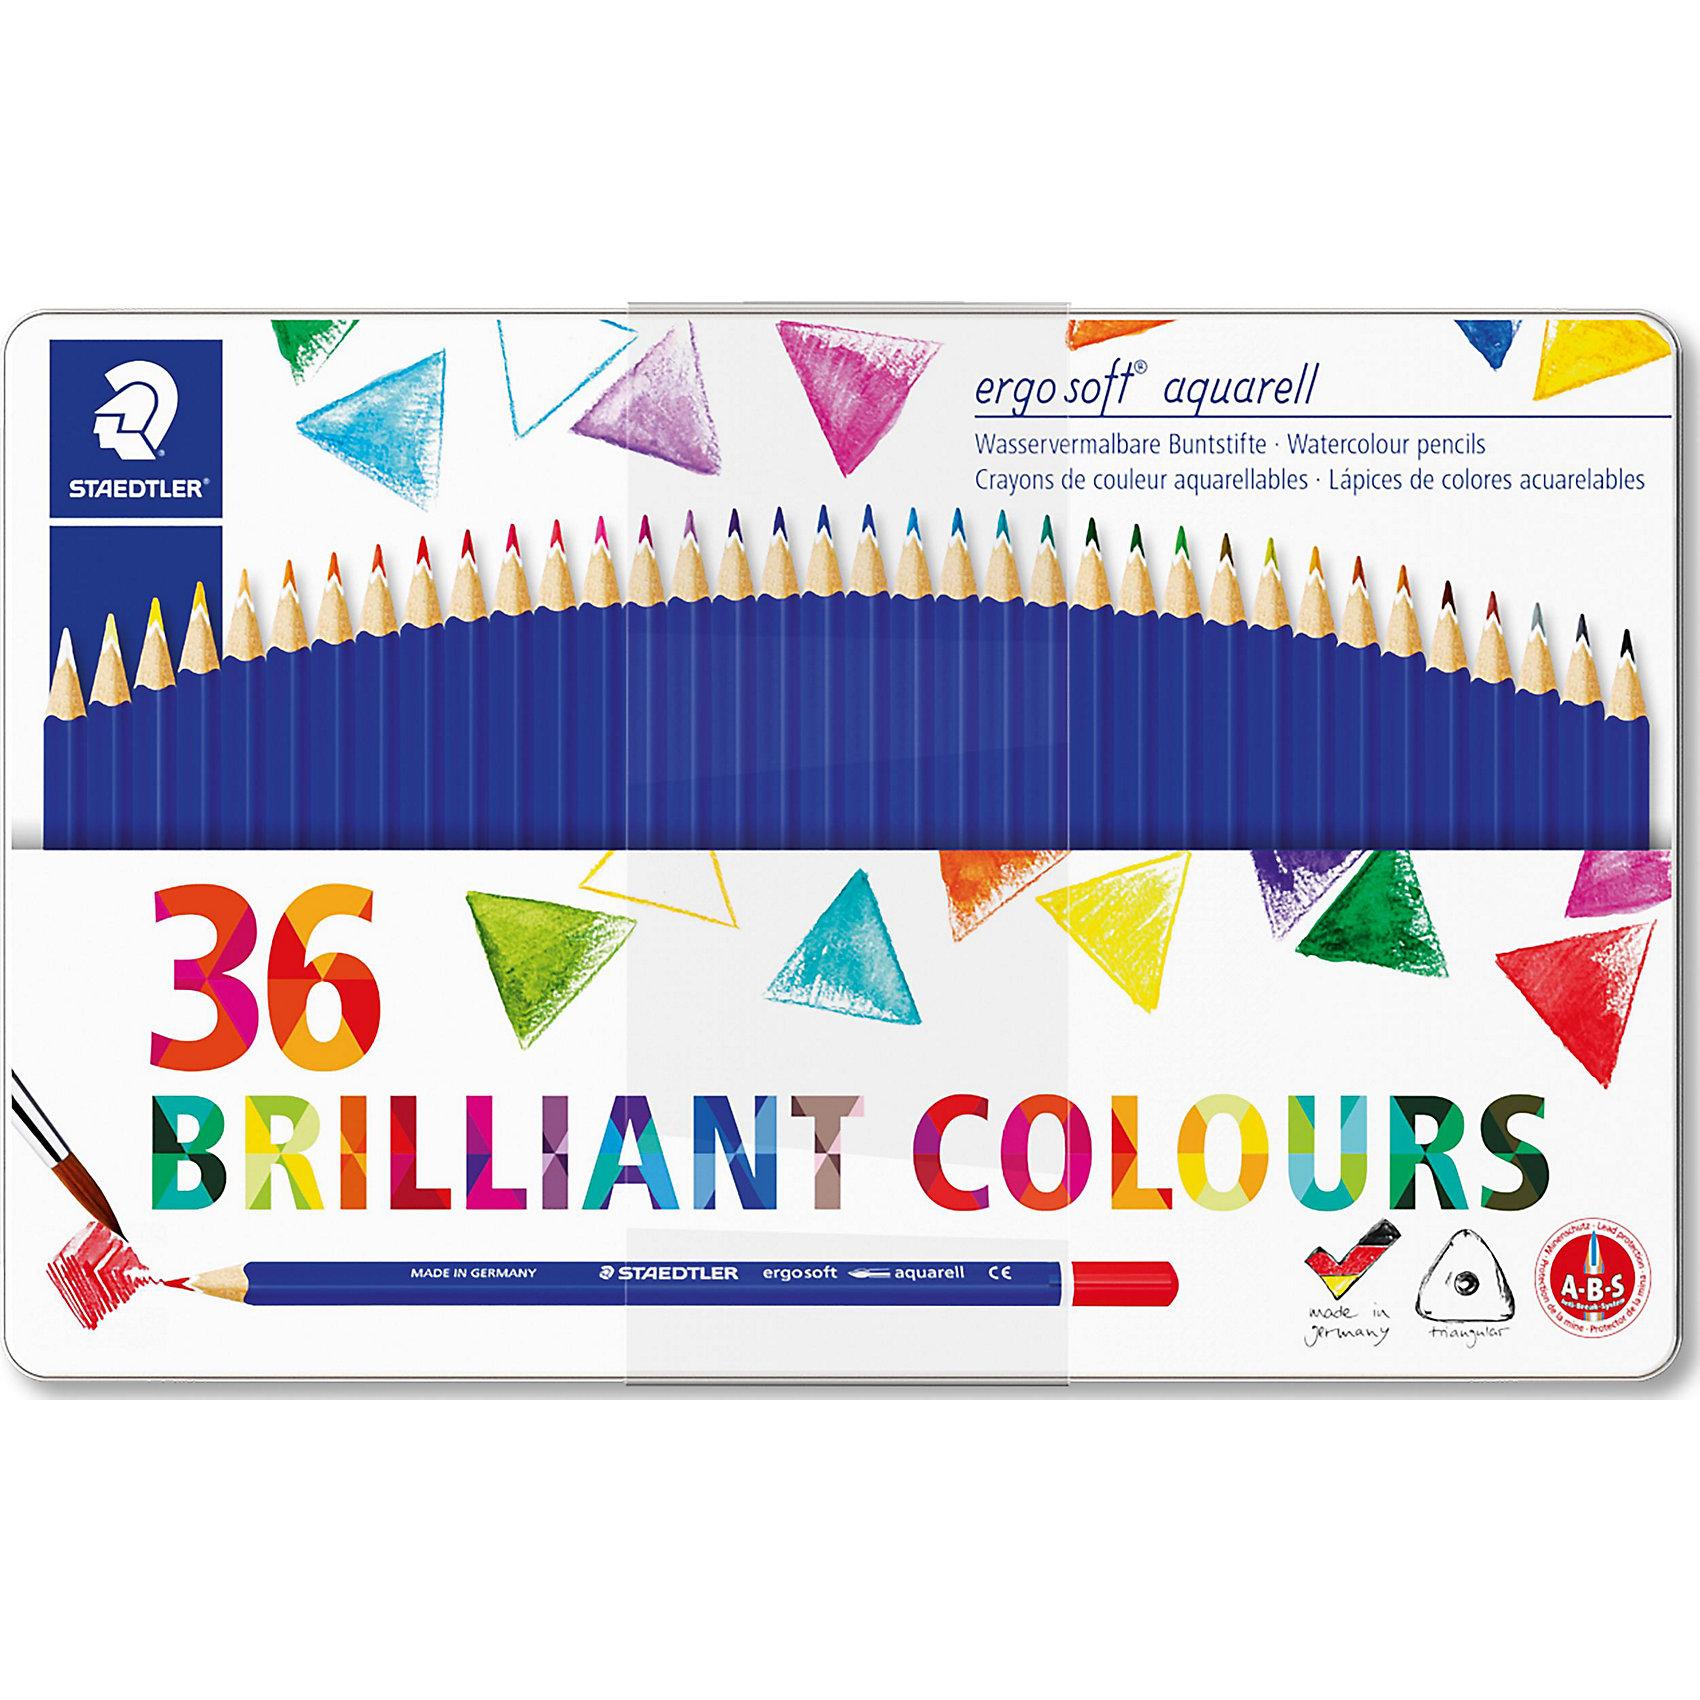 Набор акварельных карандашей ergosoft, трехгранные, 36 цветовРисование и лепка<br>Набор акварельных карандашей ergosoft, трехгранные, 36 цветов.<br><br>Характеристики:<br><br>• Для детей в возрасте: от 5 лет<br>• В наборе: 36 акварельных карандашей<br>• Количество цветов: 36<br>• Материал корпуса: древесина сертифицированных и специально подготовленных лесов<br>• Упаковка: металлическая коробка с подвесом<br>• Размер упаковки: 183x290x10 мм.<br>• Вес: 442 гр.<br><br>Набор цветных акварельных карандашей ergosoft в металлической упаковке с подвесом, непременно, понравится вашему юному художнику. Набор включает в себя 36 акварельных карандашей, ярких насыщенных цветов. Карандашами можно рисовать как обычными цветными или создавать разнообразные акварельные эффекты, намочив грифель водой или размыв сухой рисунок кисточкой. Карандаши имеют эргономичную трехгранную форму для удобного и легкого письма, уникальное нескользящее мягкое покрытие с полем для имени, очень мягкий и яркий грифель. Система защиты от поломки ABS (Anti-break-system) увеличивает устойчивость и сокращает ломкость грифеля. Карандаши легко затачивать. Корпус карандашей изготовлен из древесины сертифицированных и специально подготовленных лесов.<br><br>Набор акварельных карандашей ergosoft, трехгранные, 36 цветов можно купить в нашем интернет-магазине.<br><br>Ширина мм: 292<br>Глубина мм: 183<br>Высота мм: 110<br>Вес г: 441<br>Возраст от месяцев: 60<br>Возраст до месяцев: 144<br>Пол: Унисекс<br>Возраст: Детский<br>SKU: 5529993